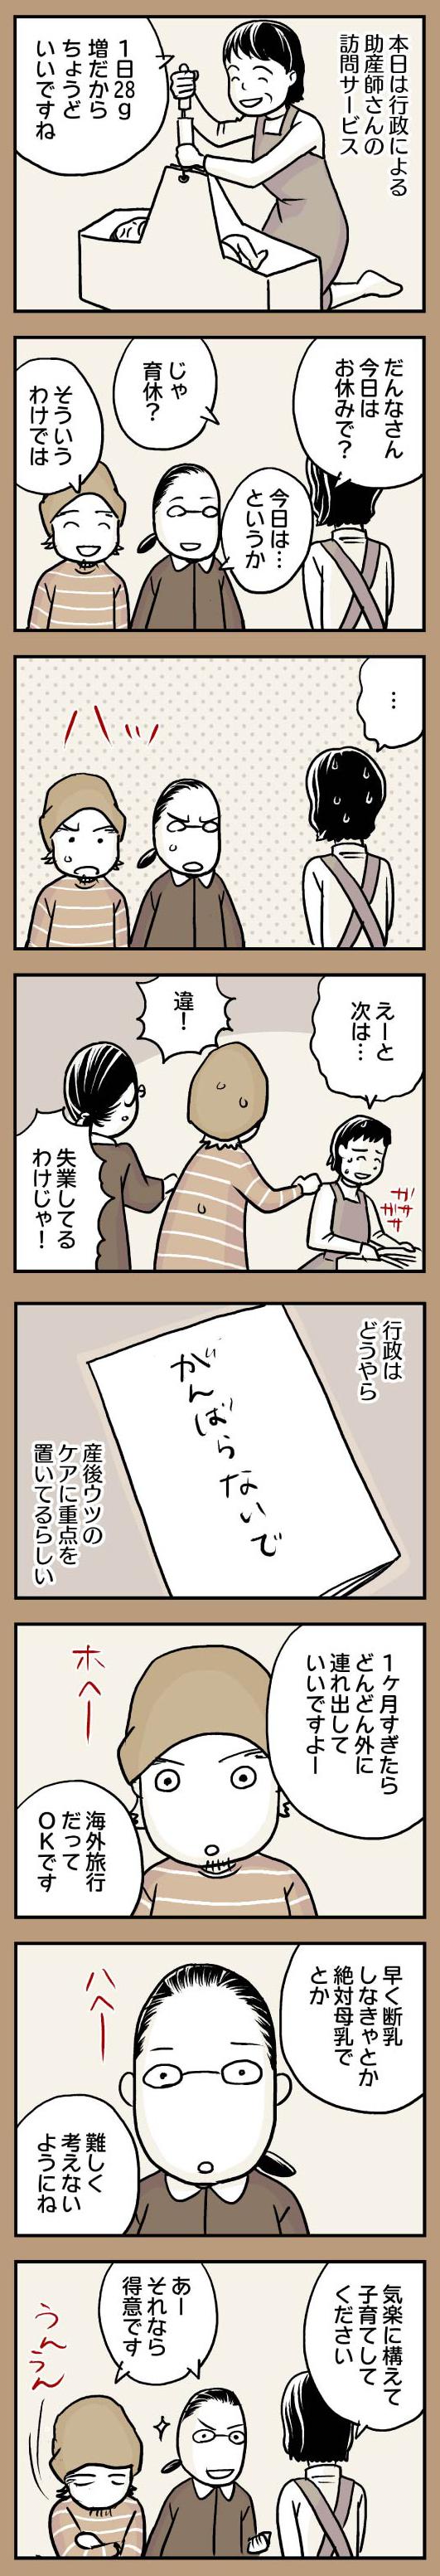 re_ニブンノイクジ_08